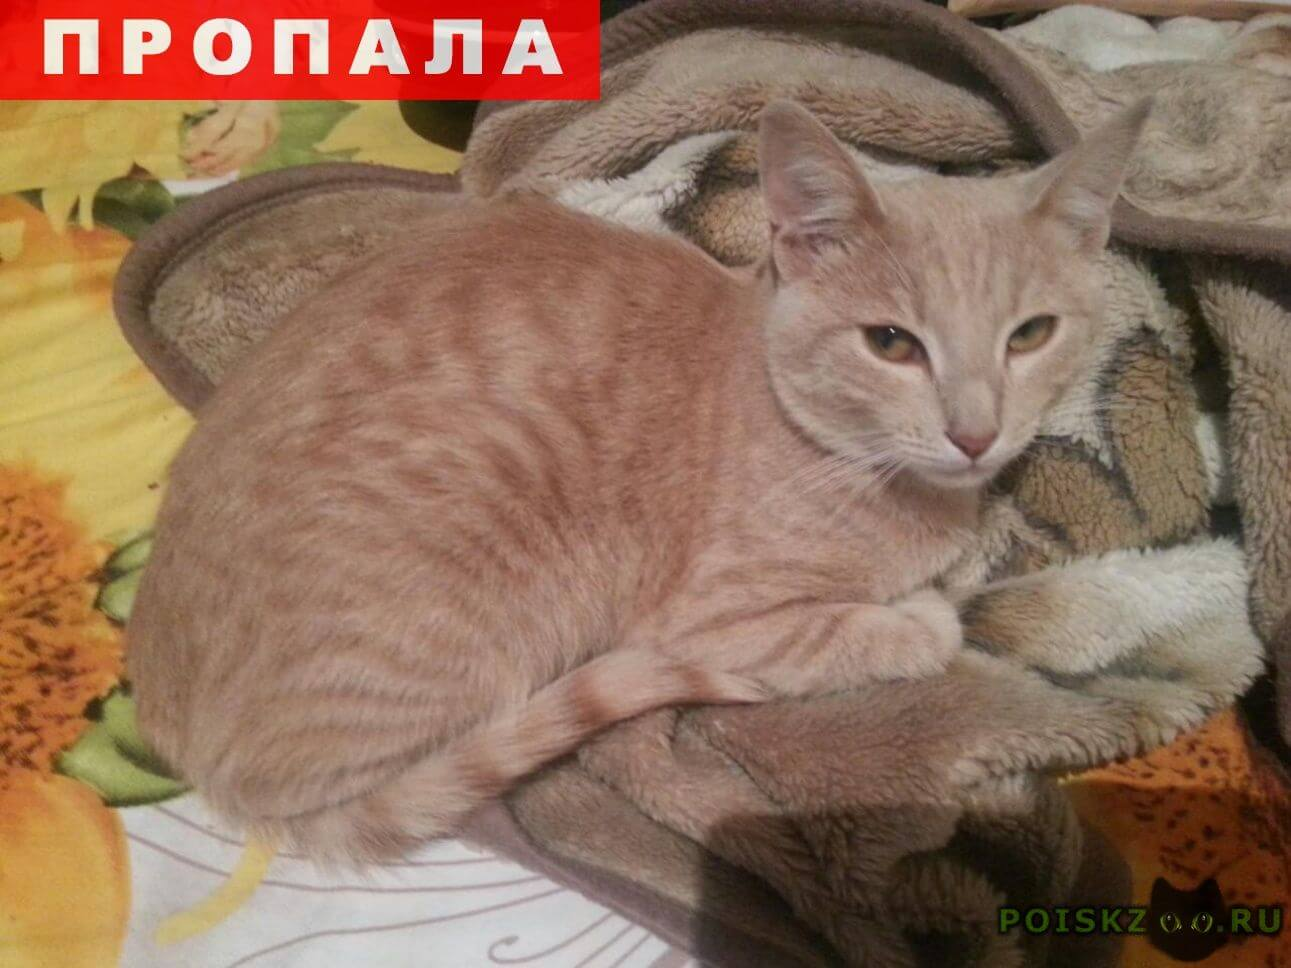 Пропал кот -крысолов г.Саратов